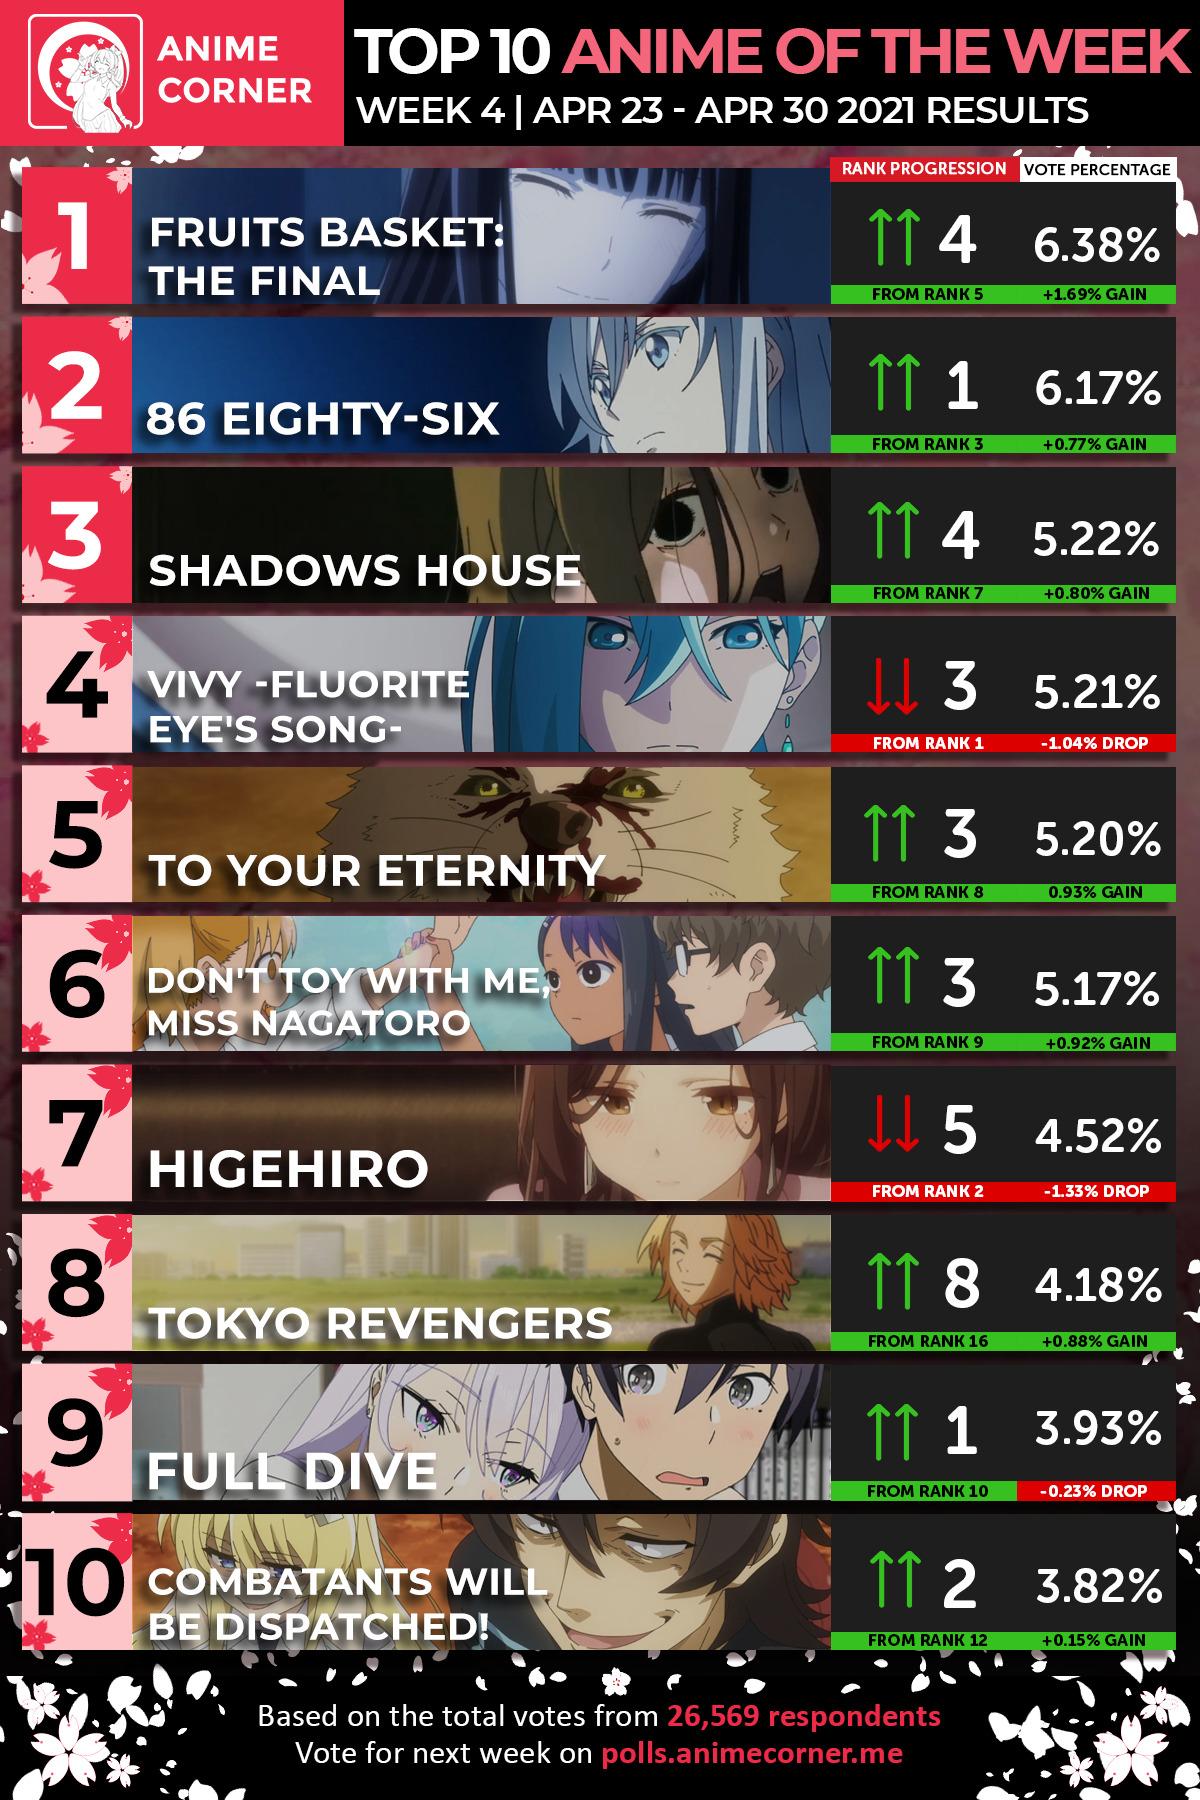 Top 10 Spring 2021 Anime Week 4